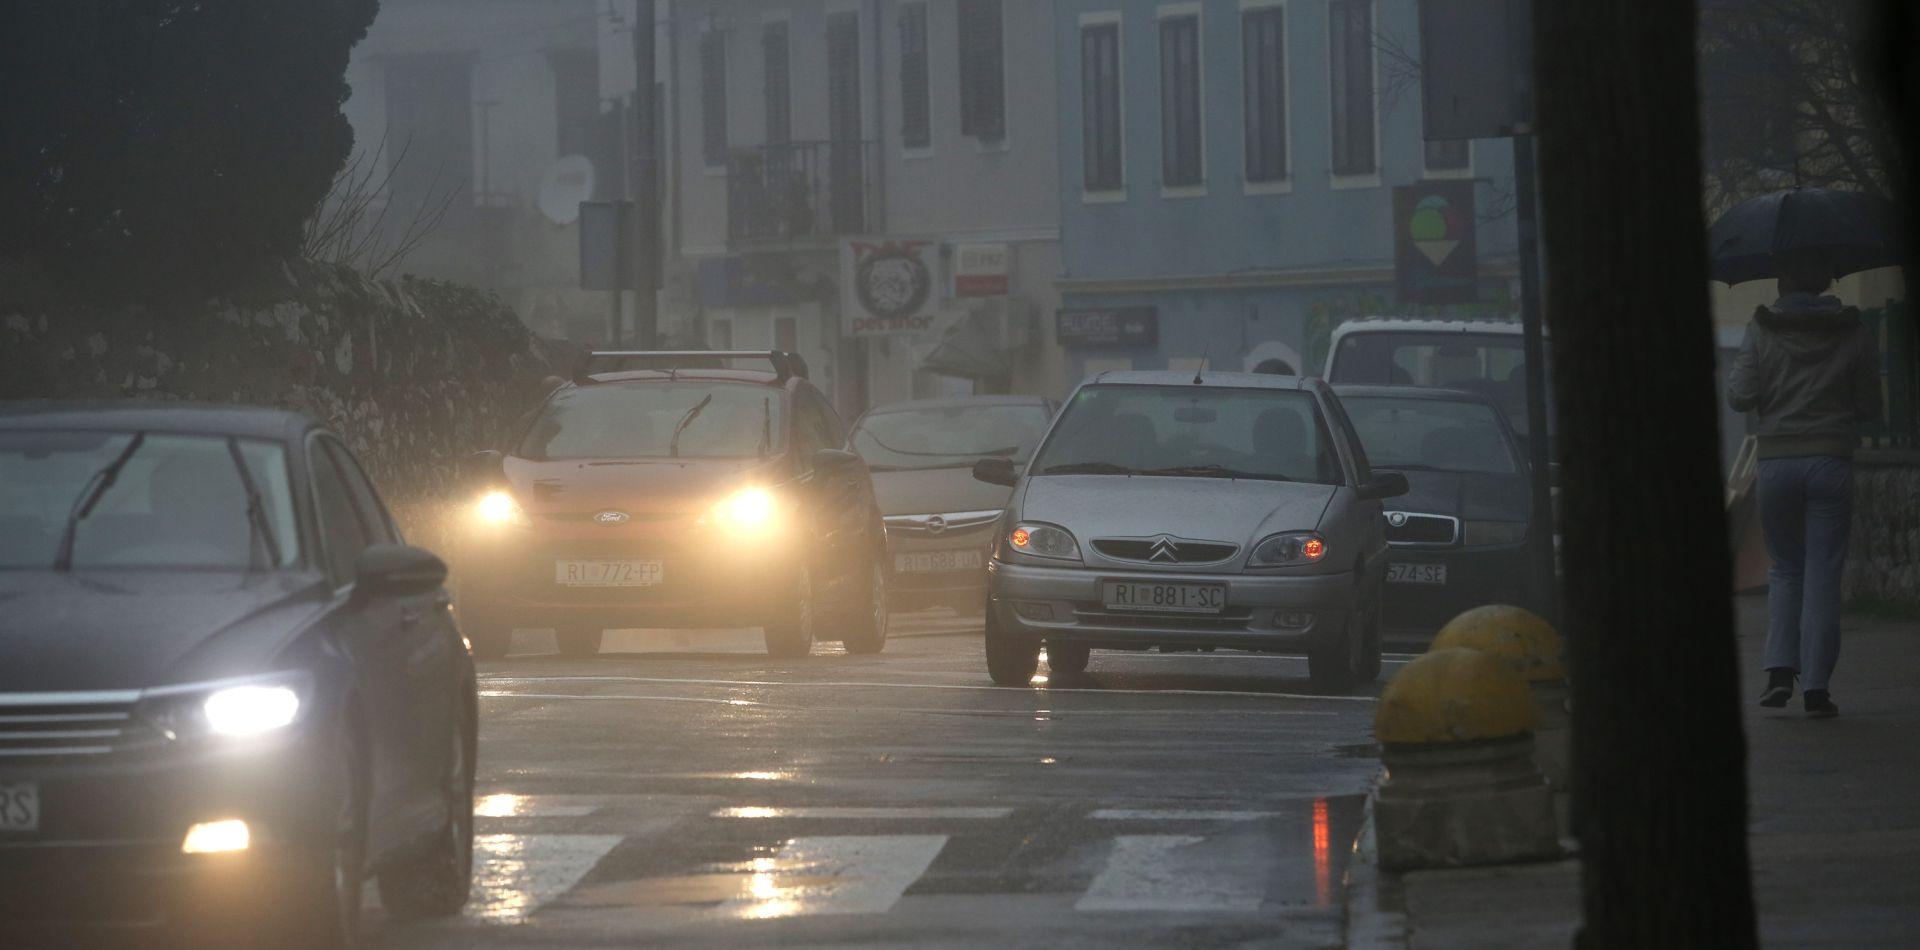 HAK Kiša i mokri kolnici usporavaju promet, magla smanjuje vidljivost